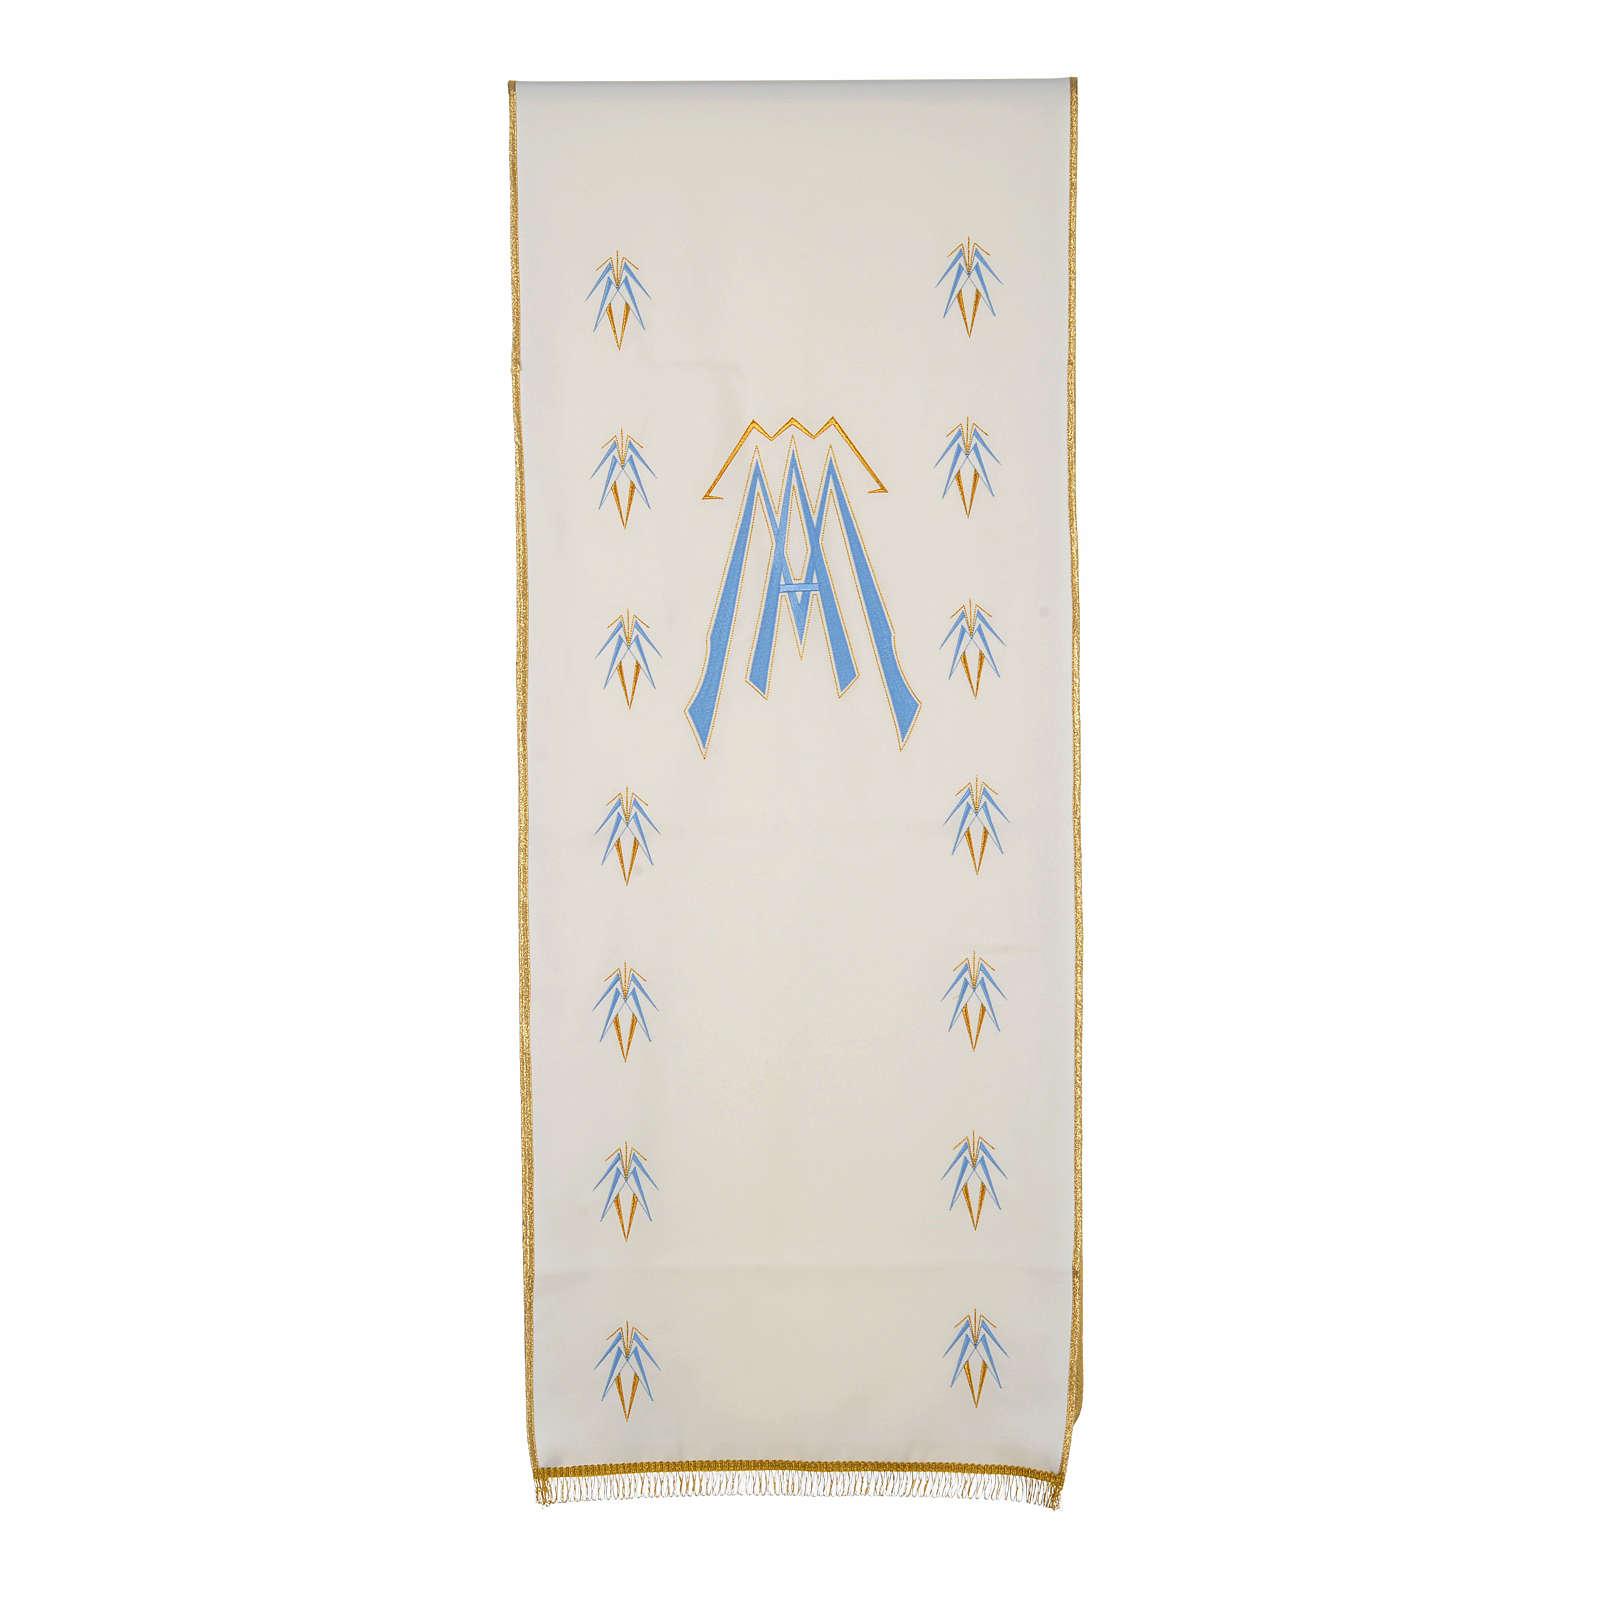 Coprileggio 100% poliestere simbolo mariano 4